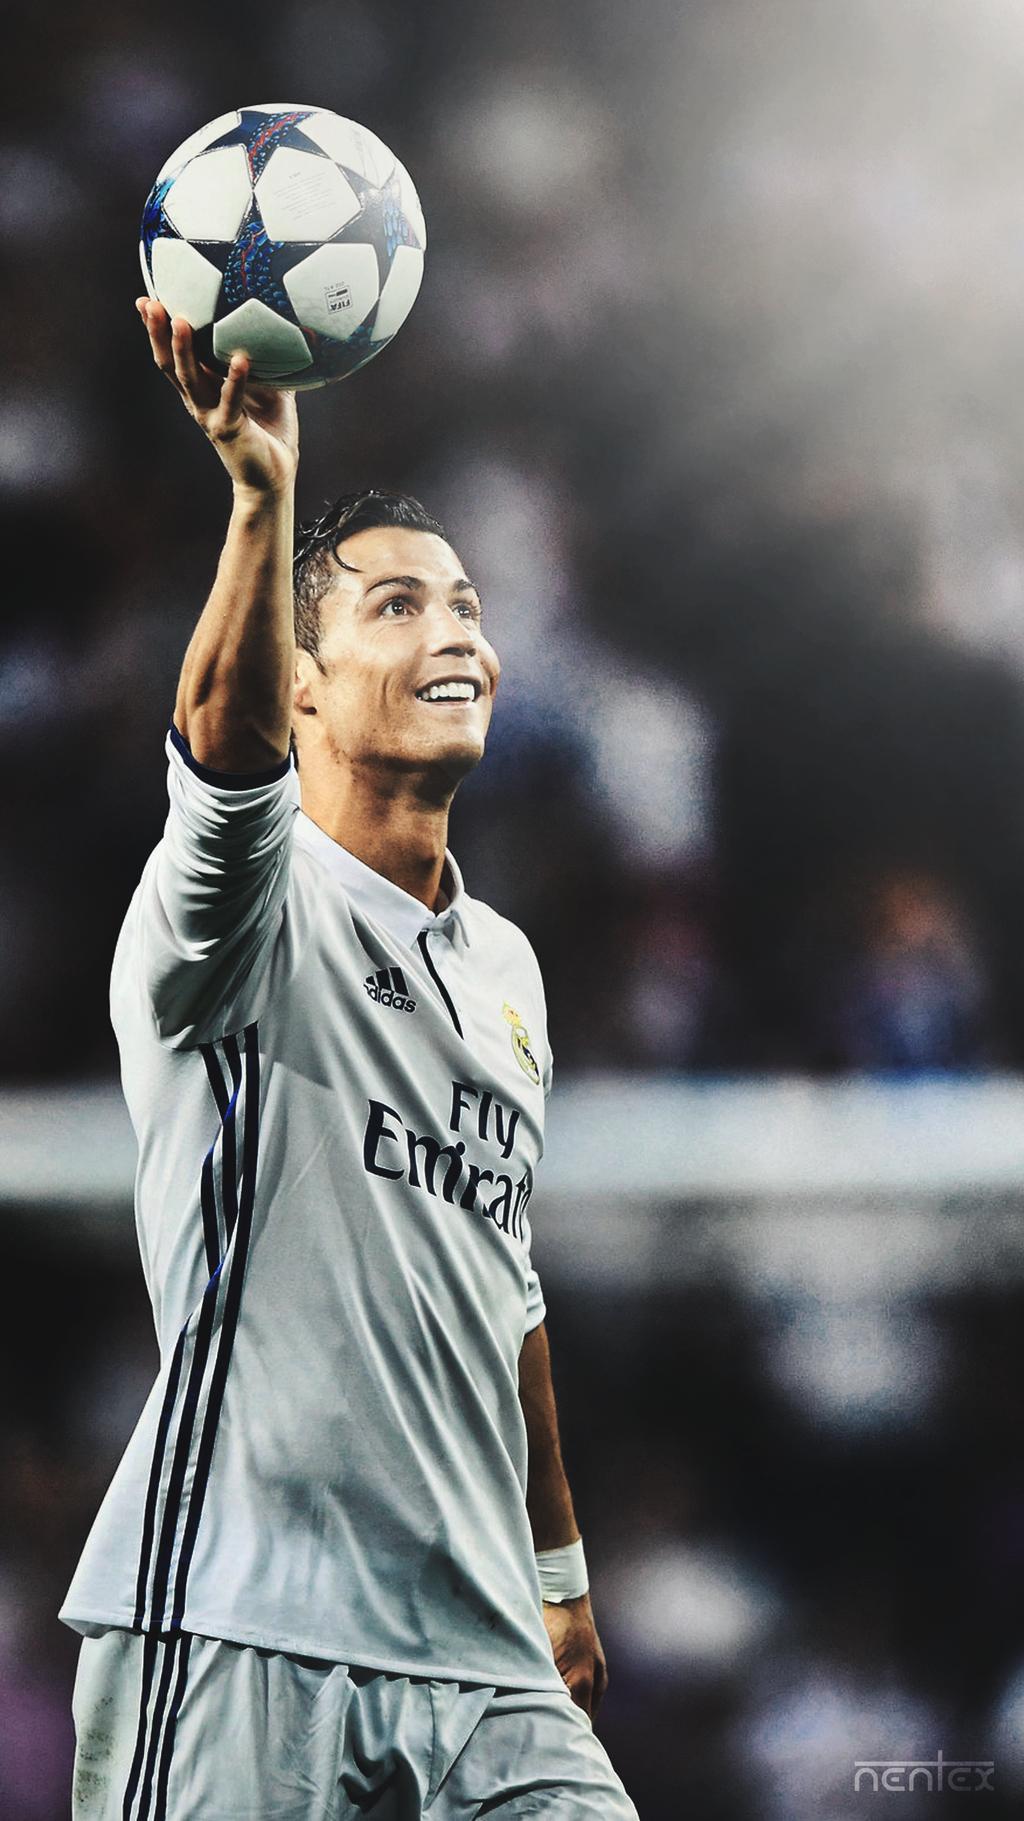 download Mobile Wallpaper Cristiano Ronaldo by enihal 1024x1821